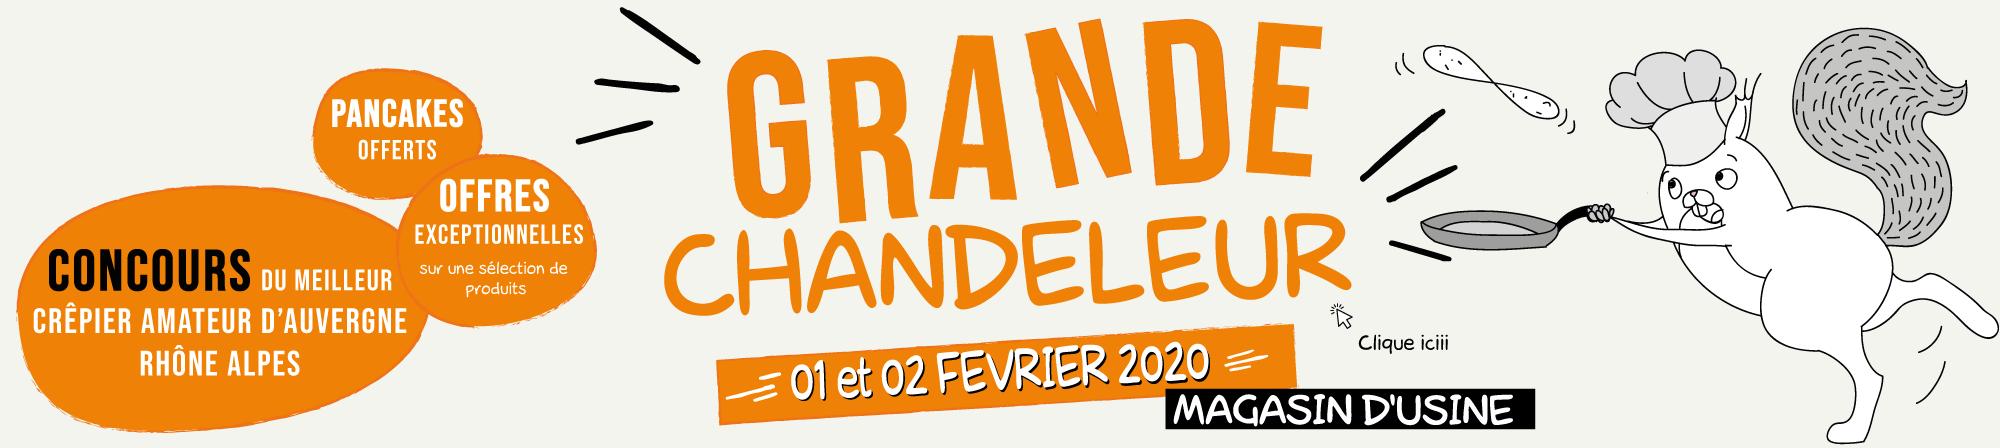 Participe au concours du meilleur crêpier amateur de la région et tente de remporter plus de 250€ de cadeaux !